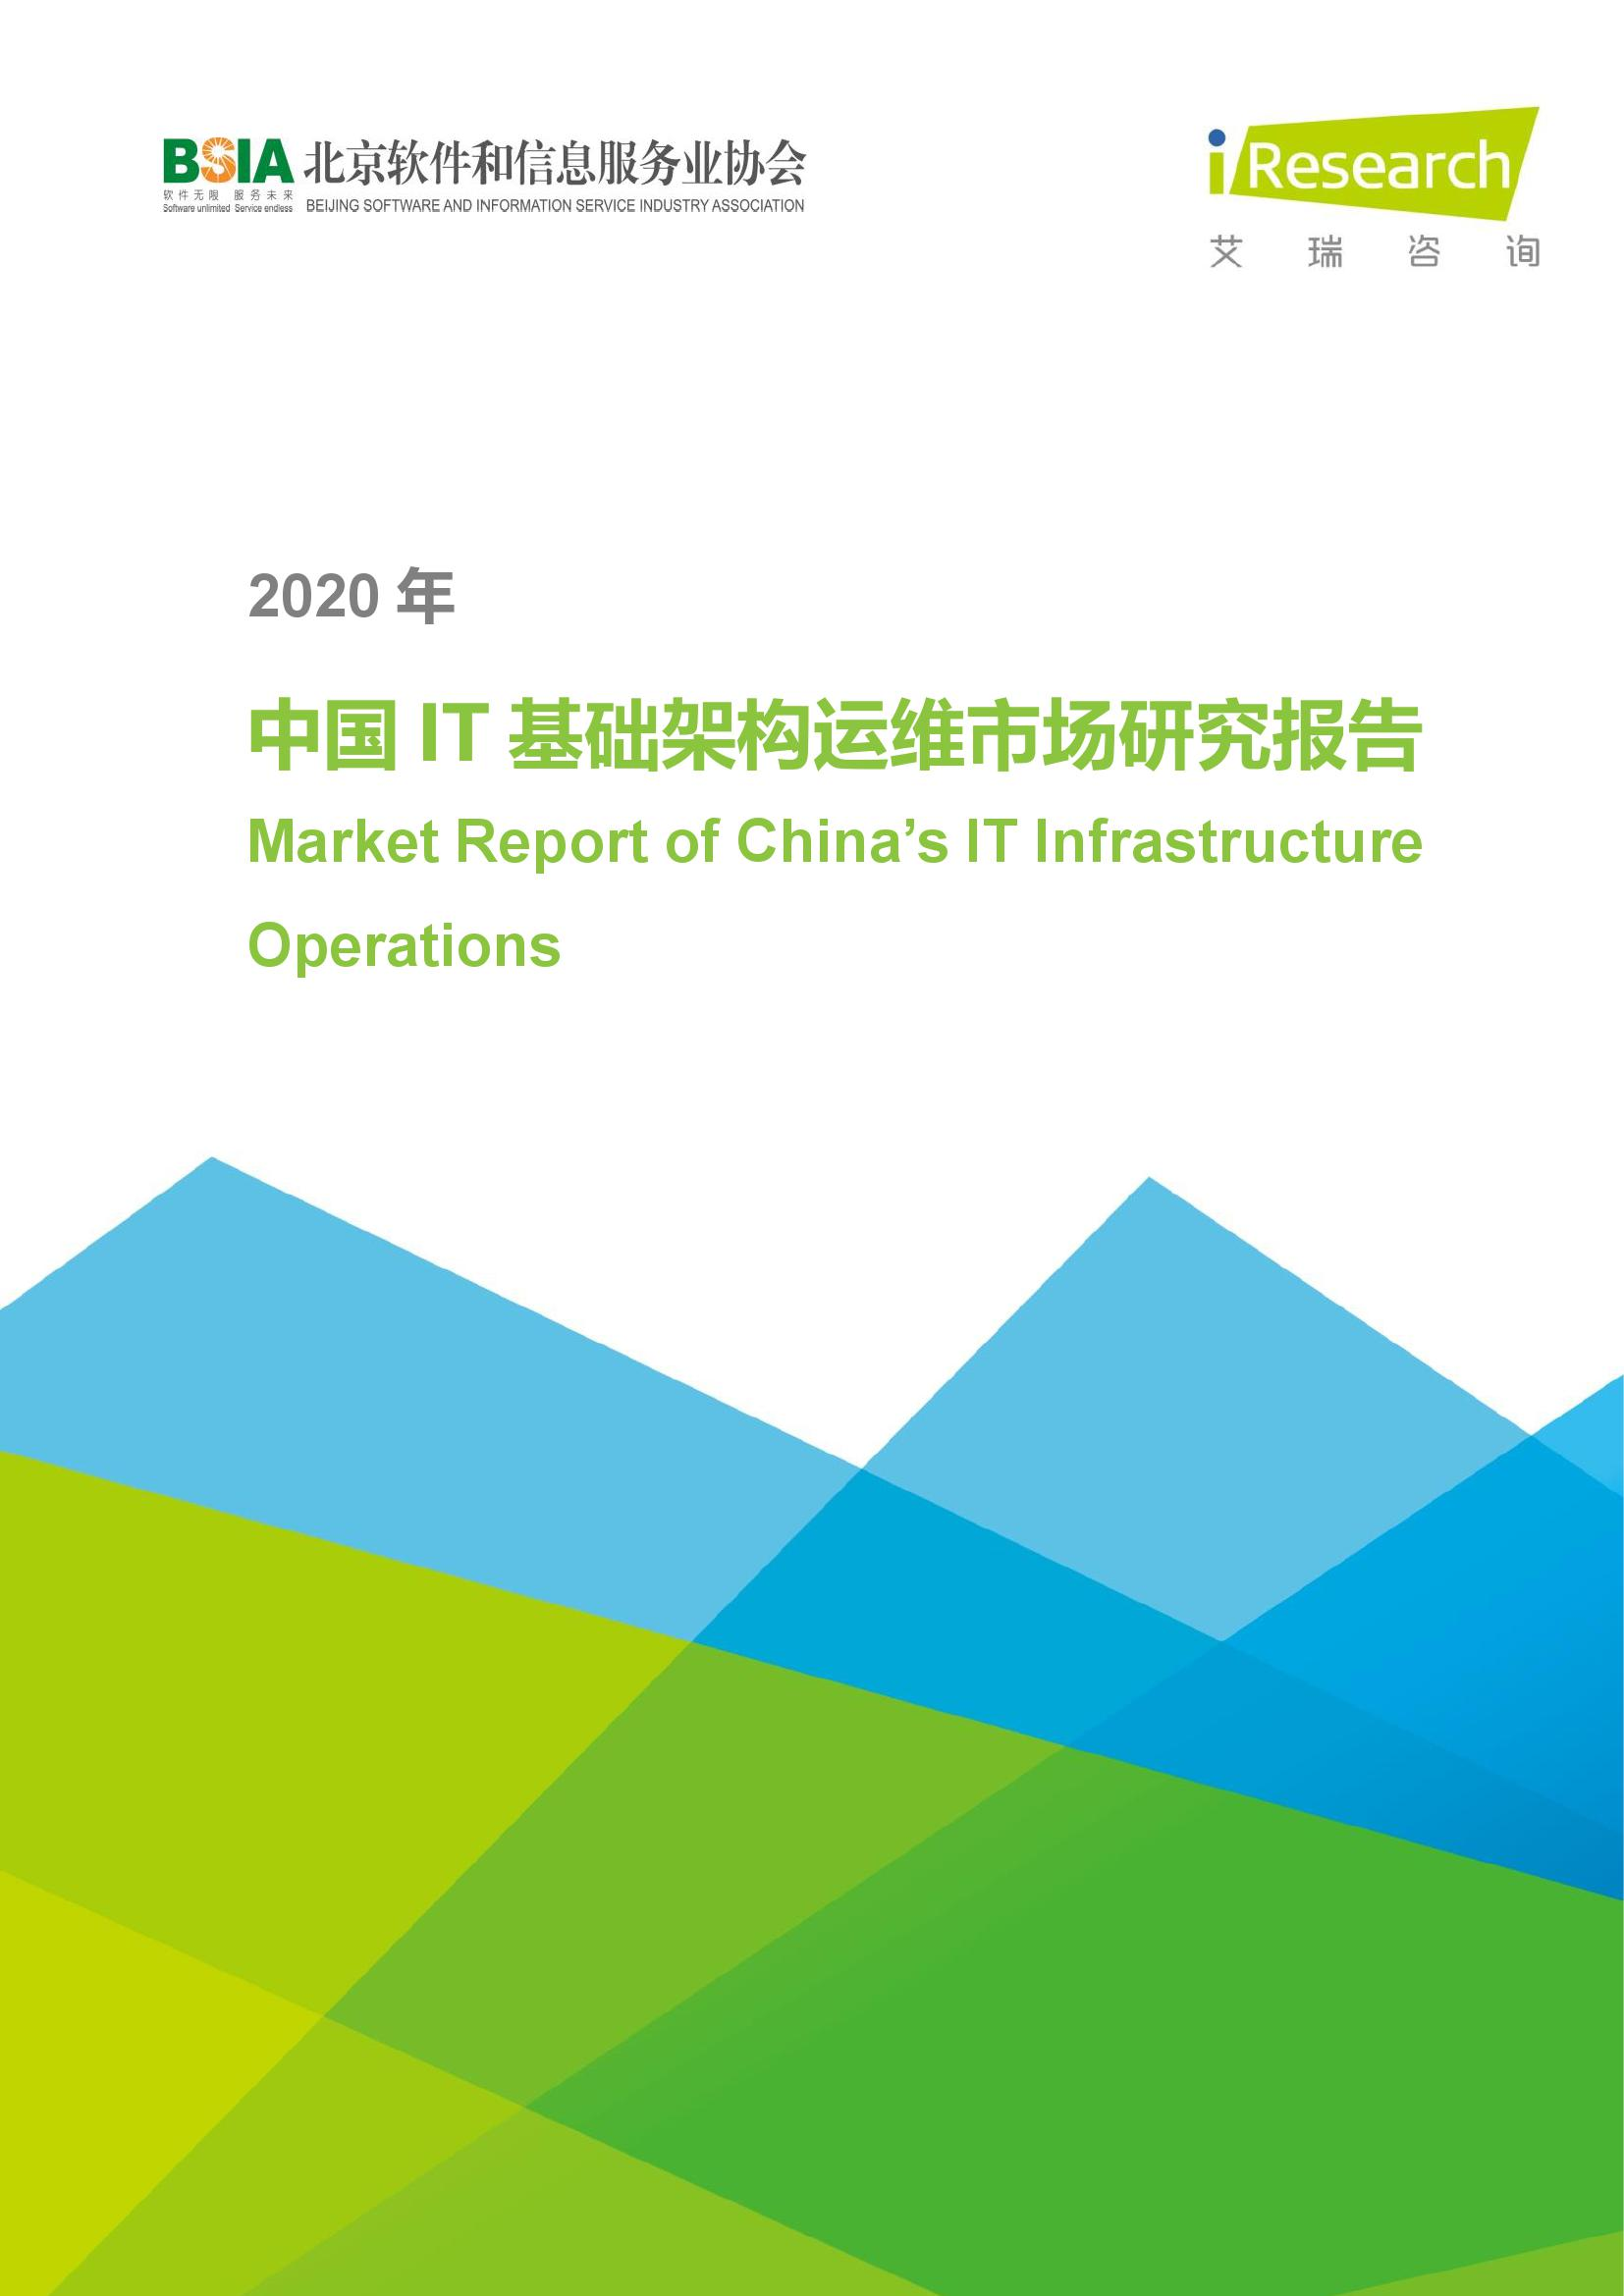 艾瑞咨询:2020年中国IT基础架构运维市场研究报告(附下载)